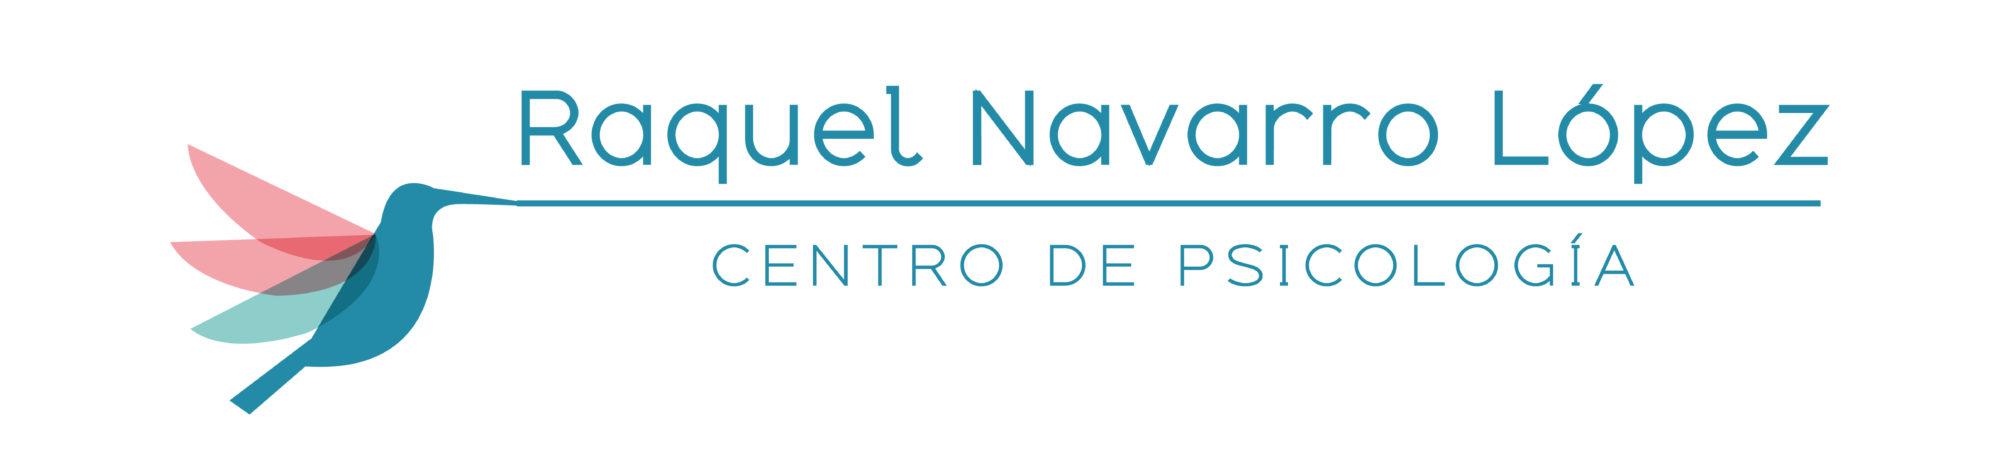 Raquel Navarro Lopez - Psicología, Sexología y Terapia de Pareja en Murcia